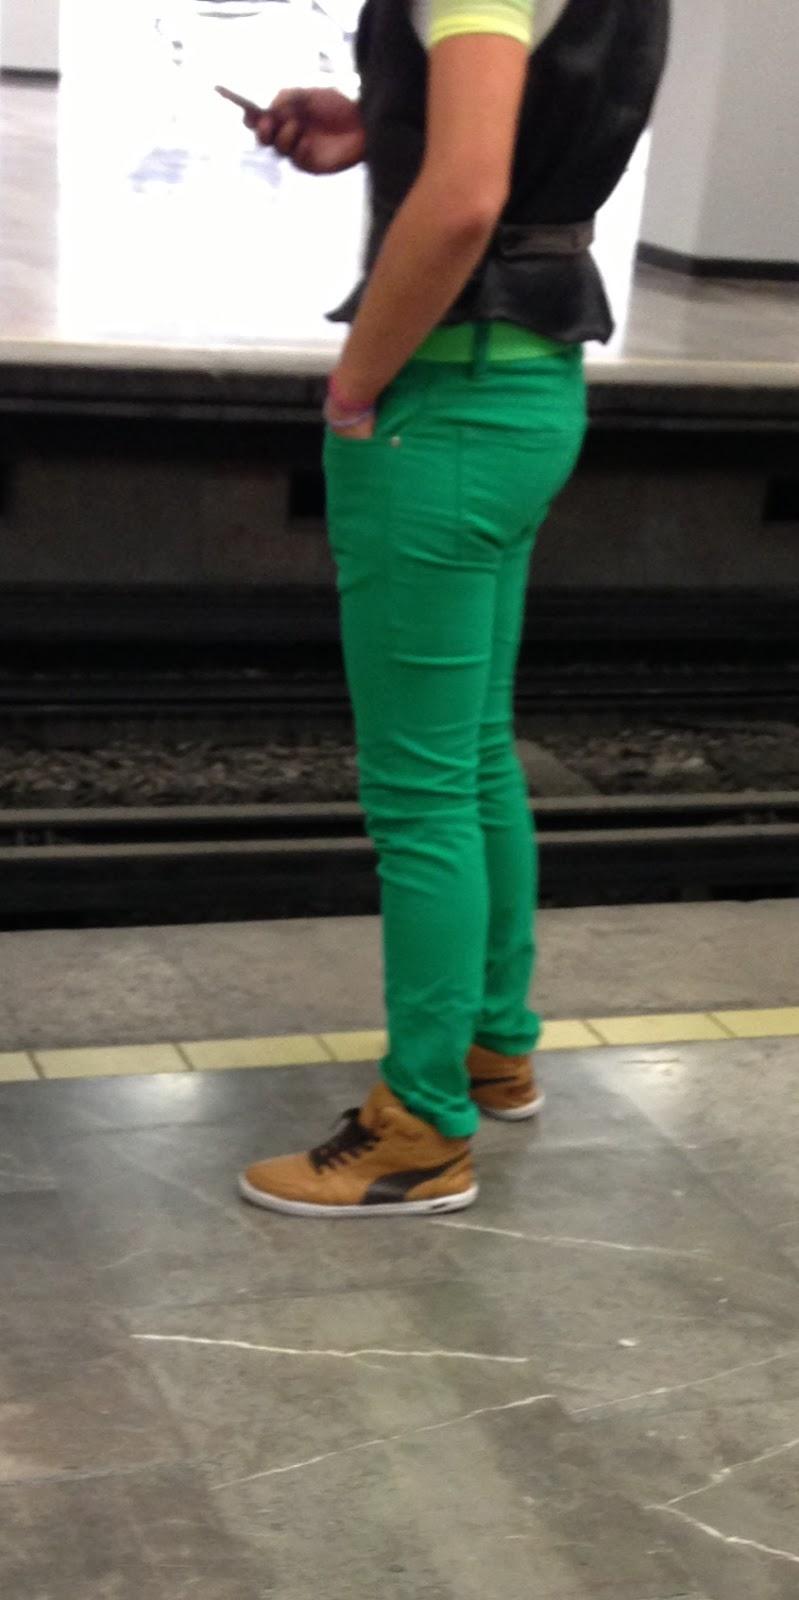 Rico culo en metro l2 - 2 1